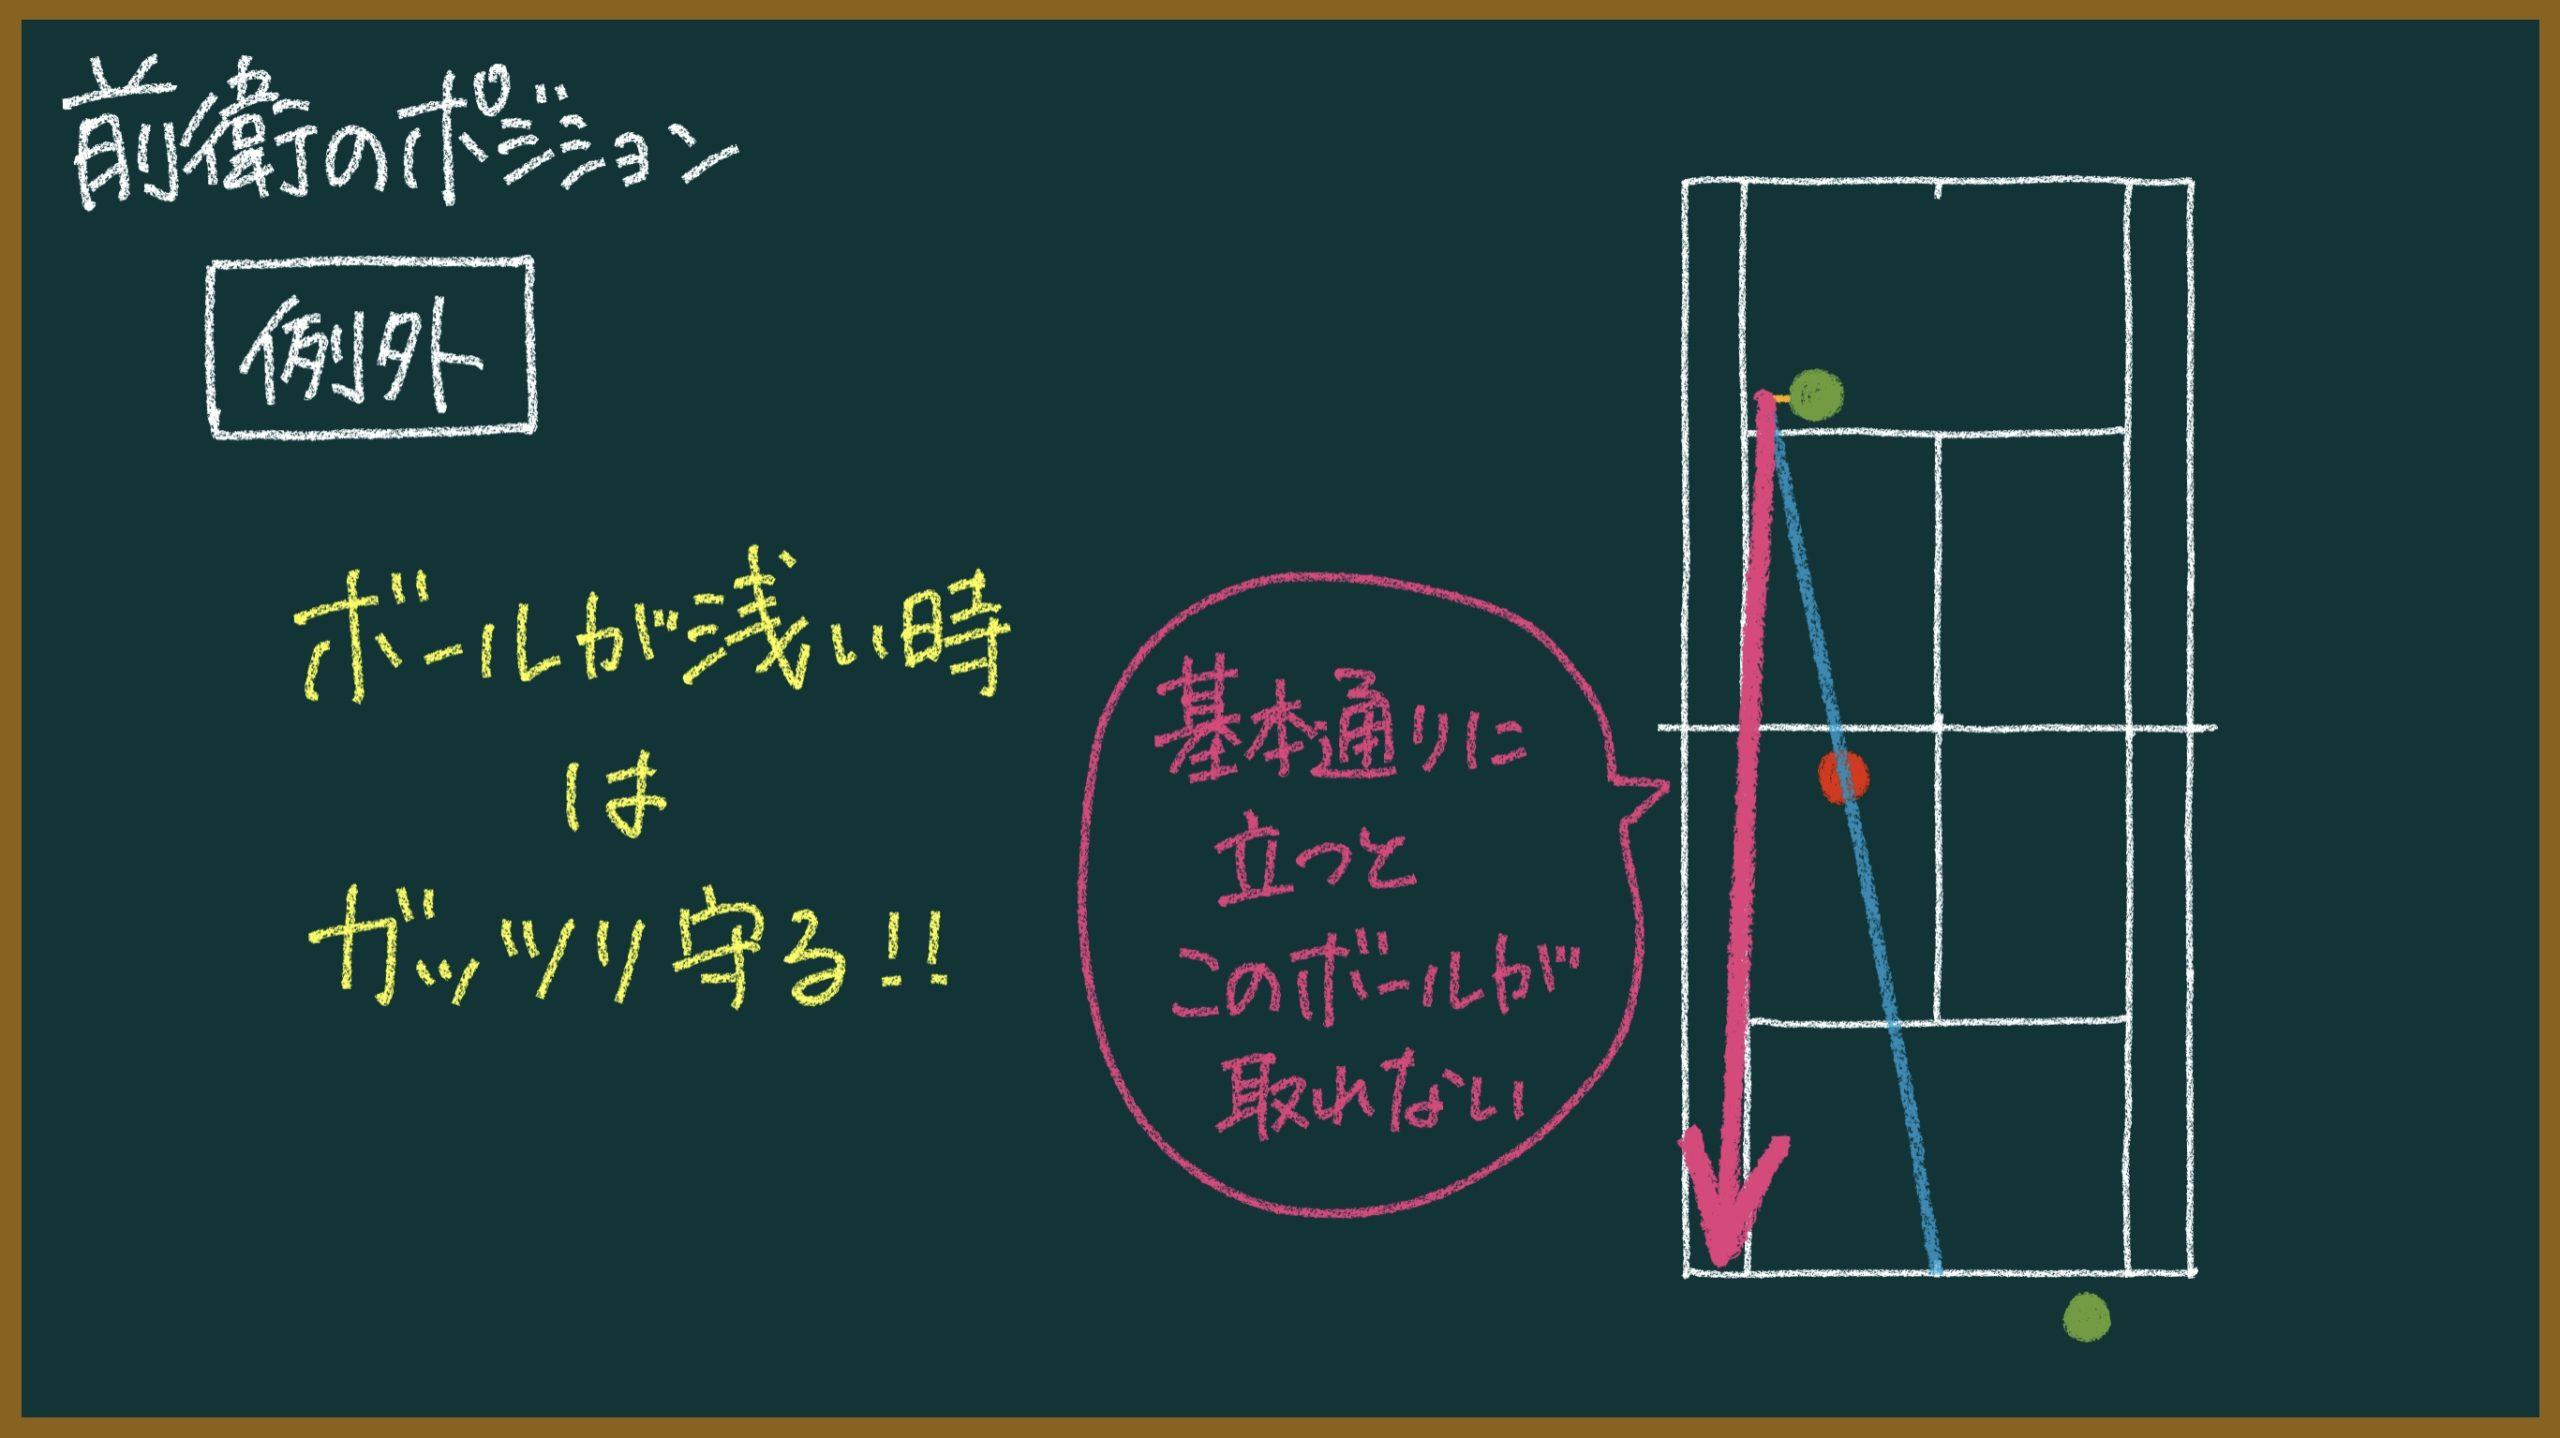 【ソフトテニス】前衛のポジション取り(立ち位置)を解説【図解】